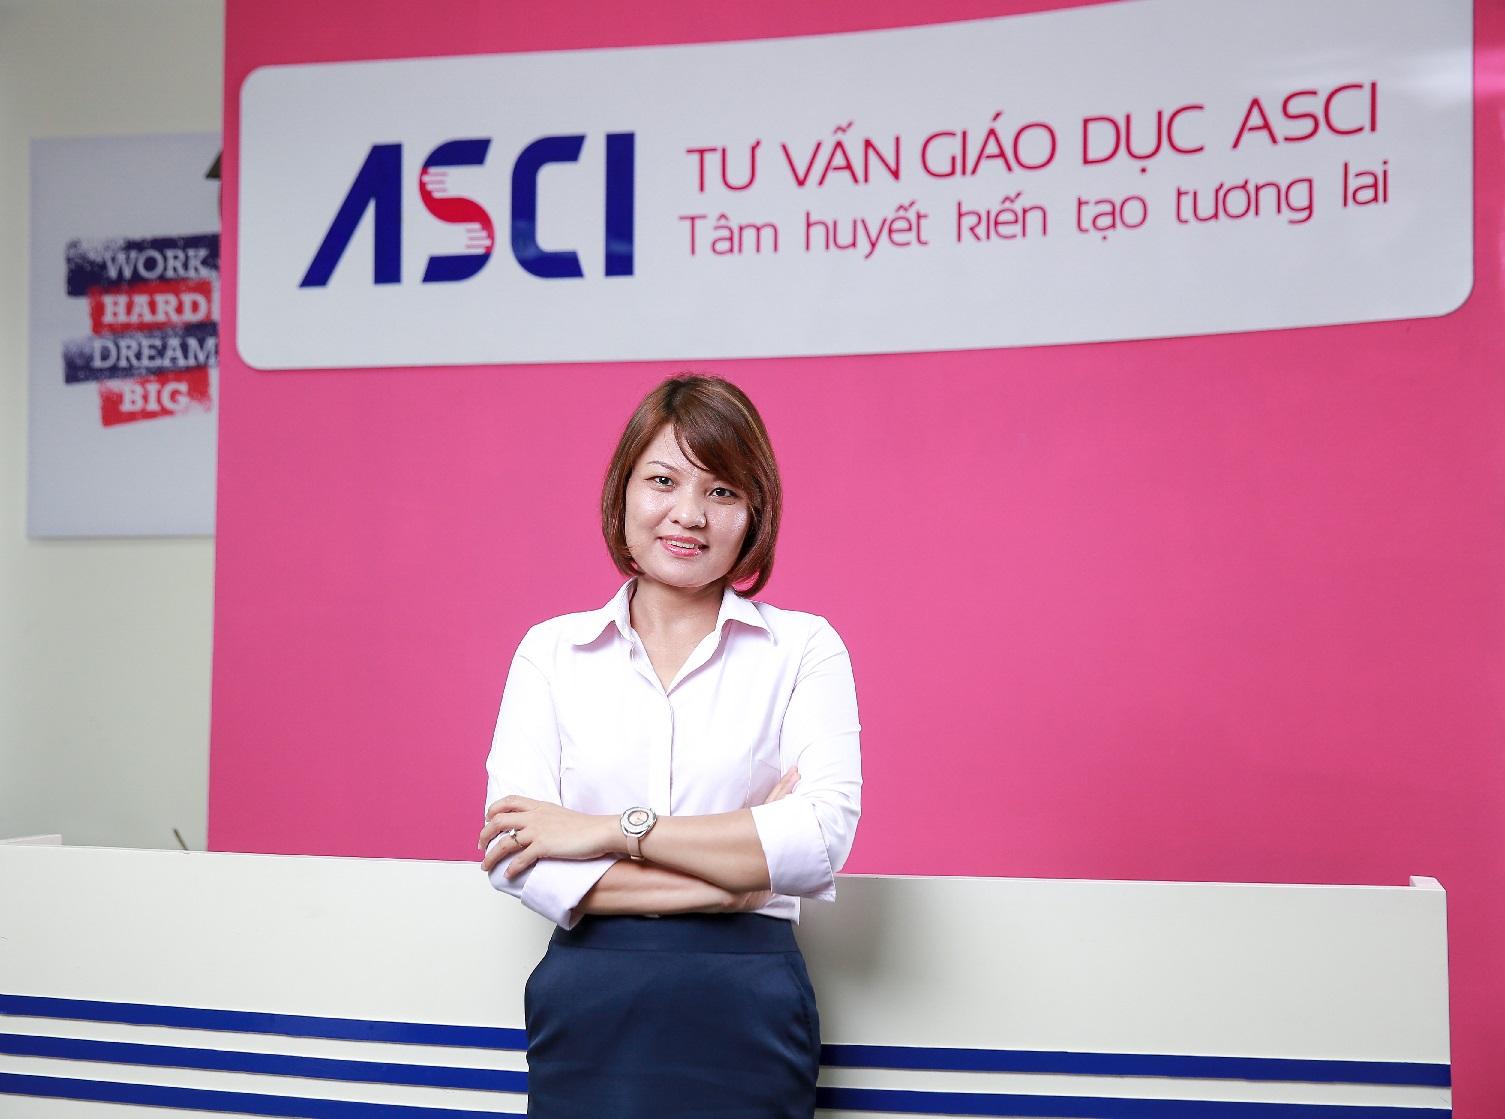 Chị Nguyễn Thị Việt Bằng, Phó Giám đốc Công Tư vấn Giáo dục ASCI